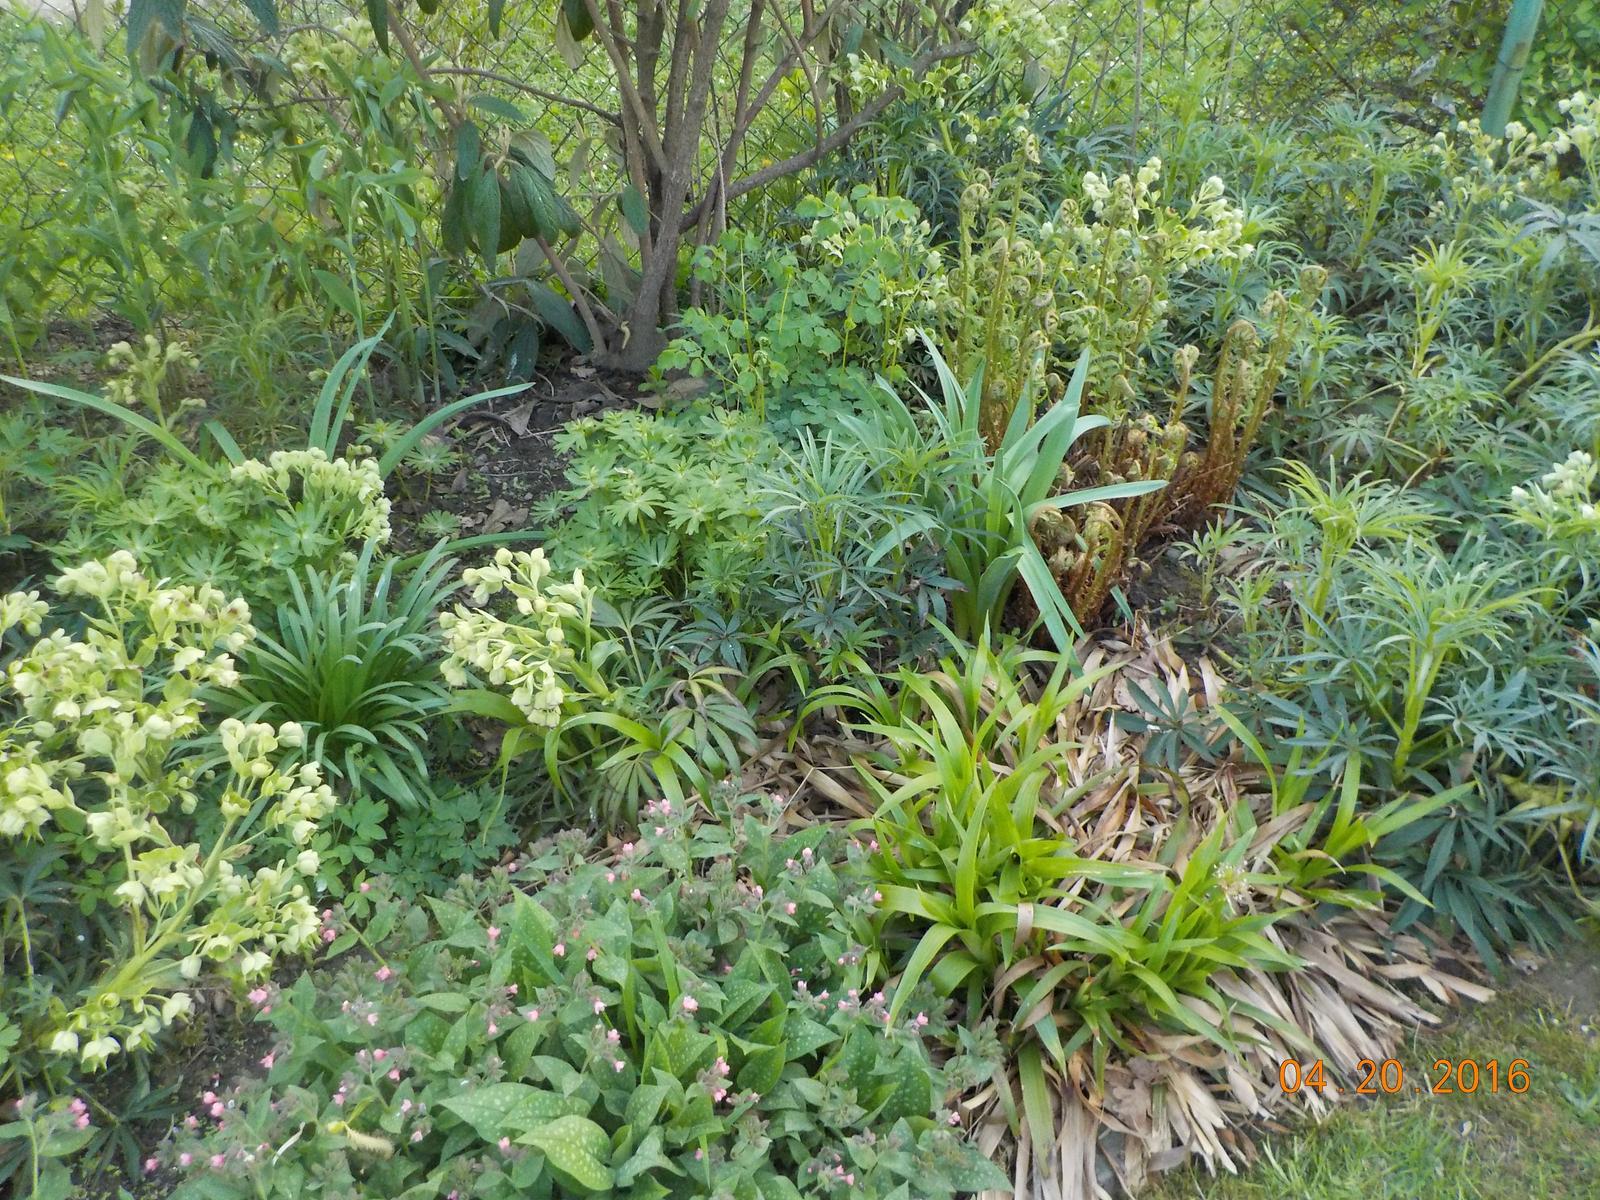 """Okrasná zahrada - můj malý """"ráj"""" - Obrázek č. 52"""